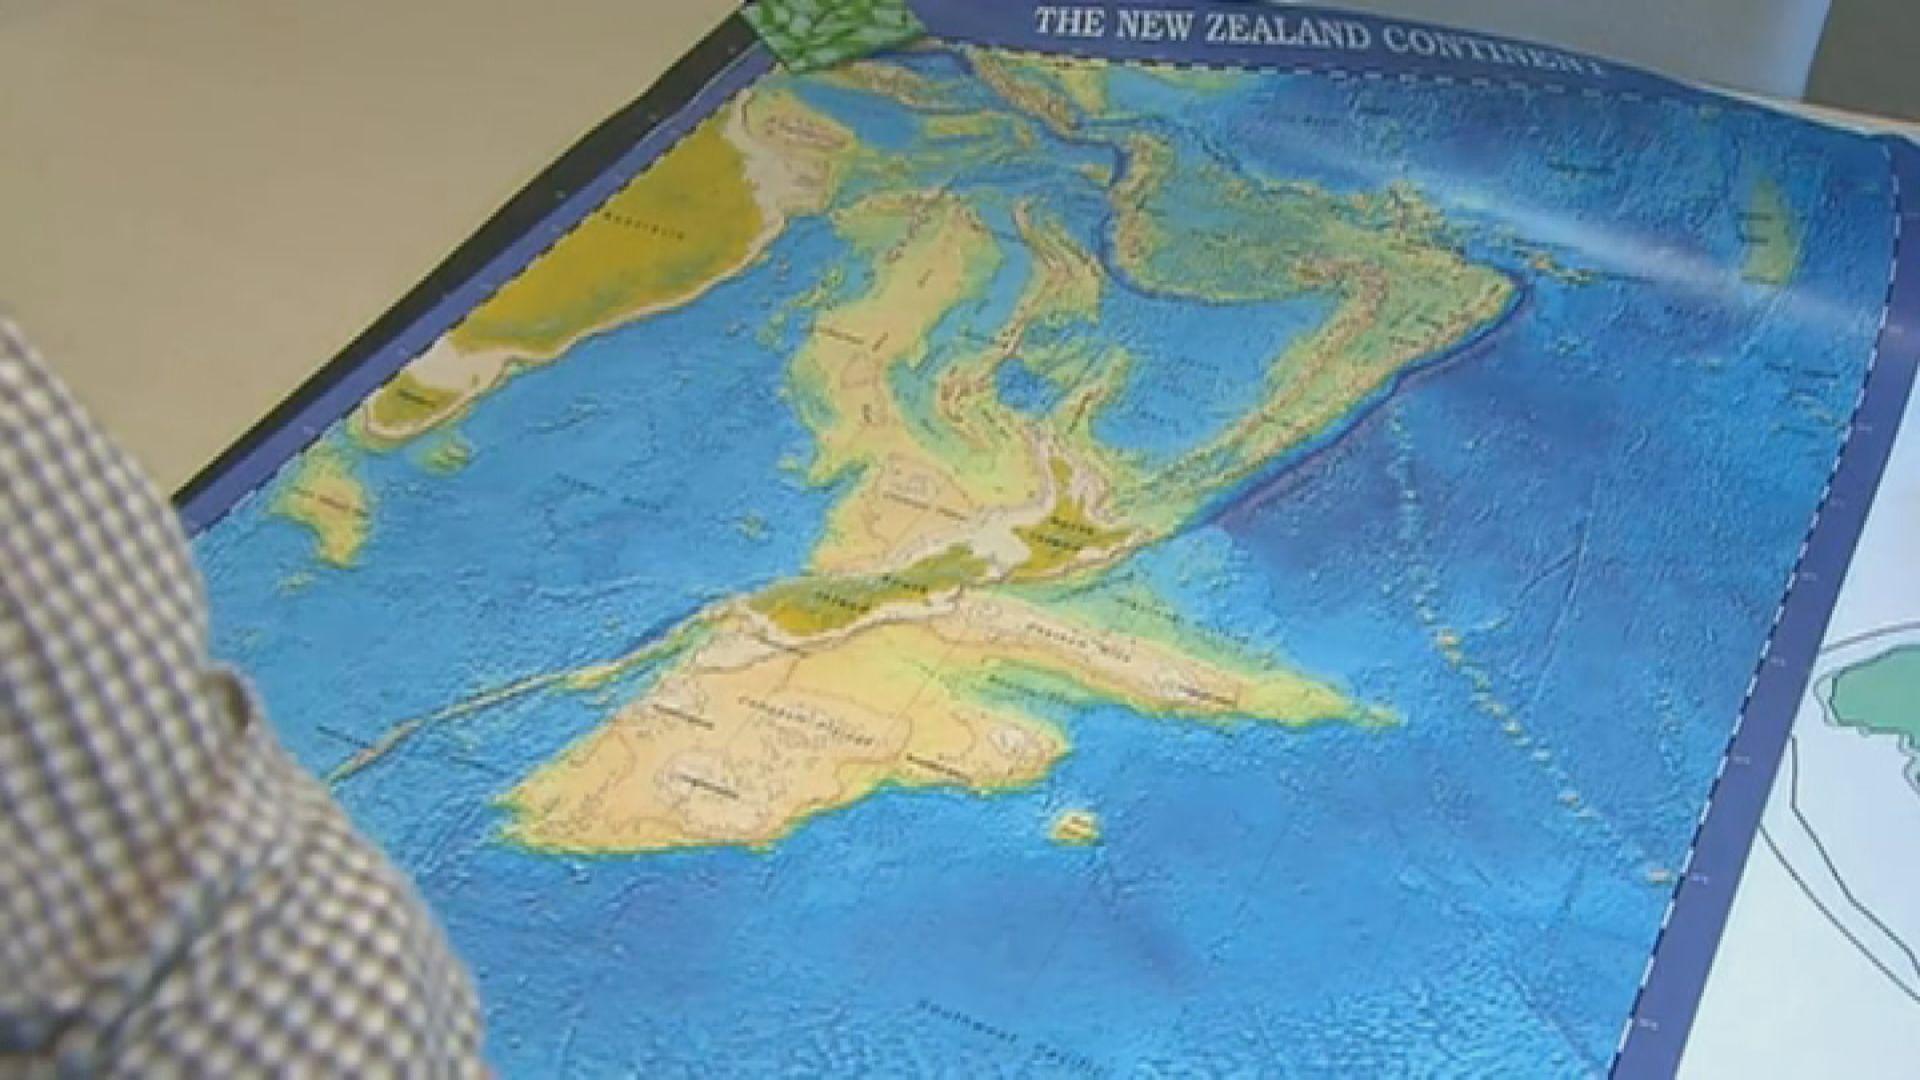 【環球薈報】科學家發現南歐下有「失落的大陸」